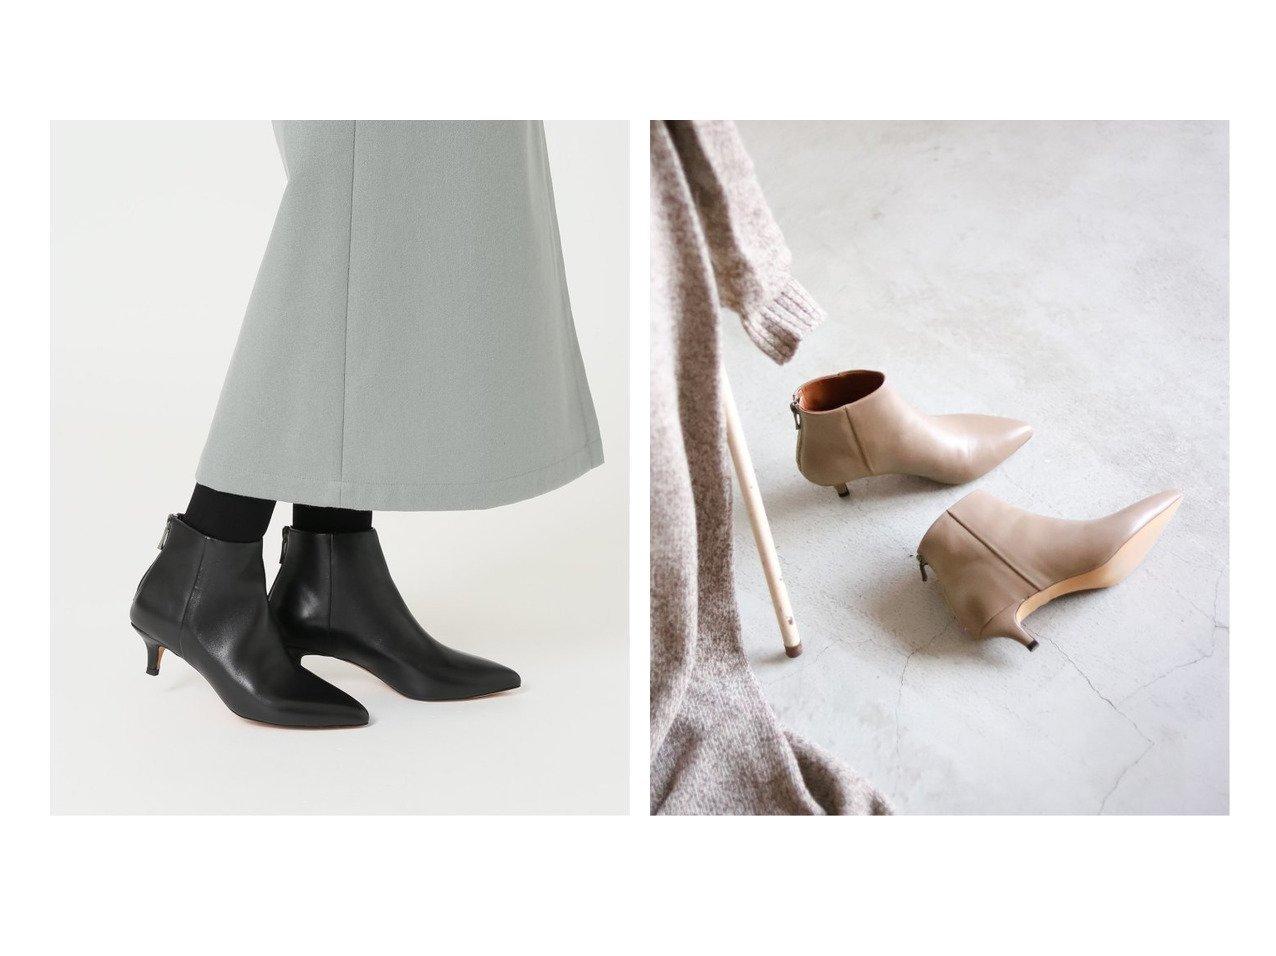 【SLOBE IENA/スローブ イエナ】のSLOBE IENA ポインテッドブーツ シューズ・靴のおすすめ!人気、レディースファッションの通販  おすすめで人気のファッション通販商品 インテリア・家具・キッズファッション・メンズファッション・レディースファッション・服の通販 founy(ファニー) https://founy.com/ ファッション Fashion レディース WOMEN A/W 秋冬 Autumn &  Winter シューズ シンプル トレンド フェミニン ポインテッド |ID:crp329100000004099